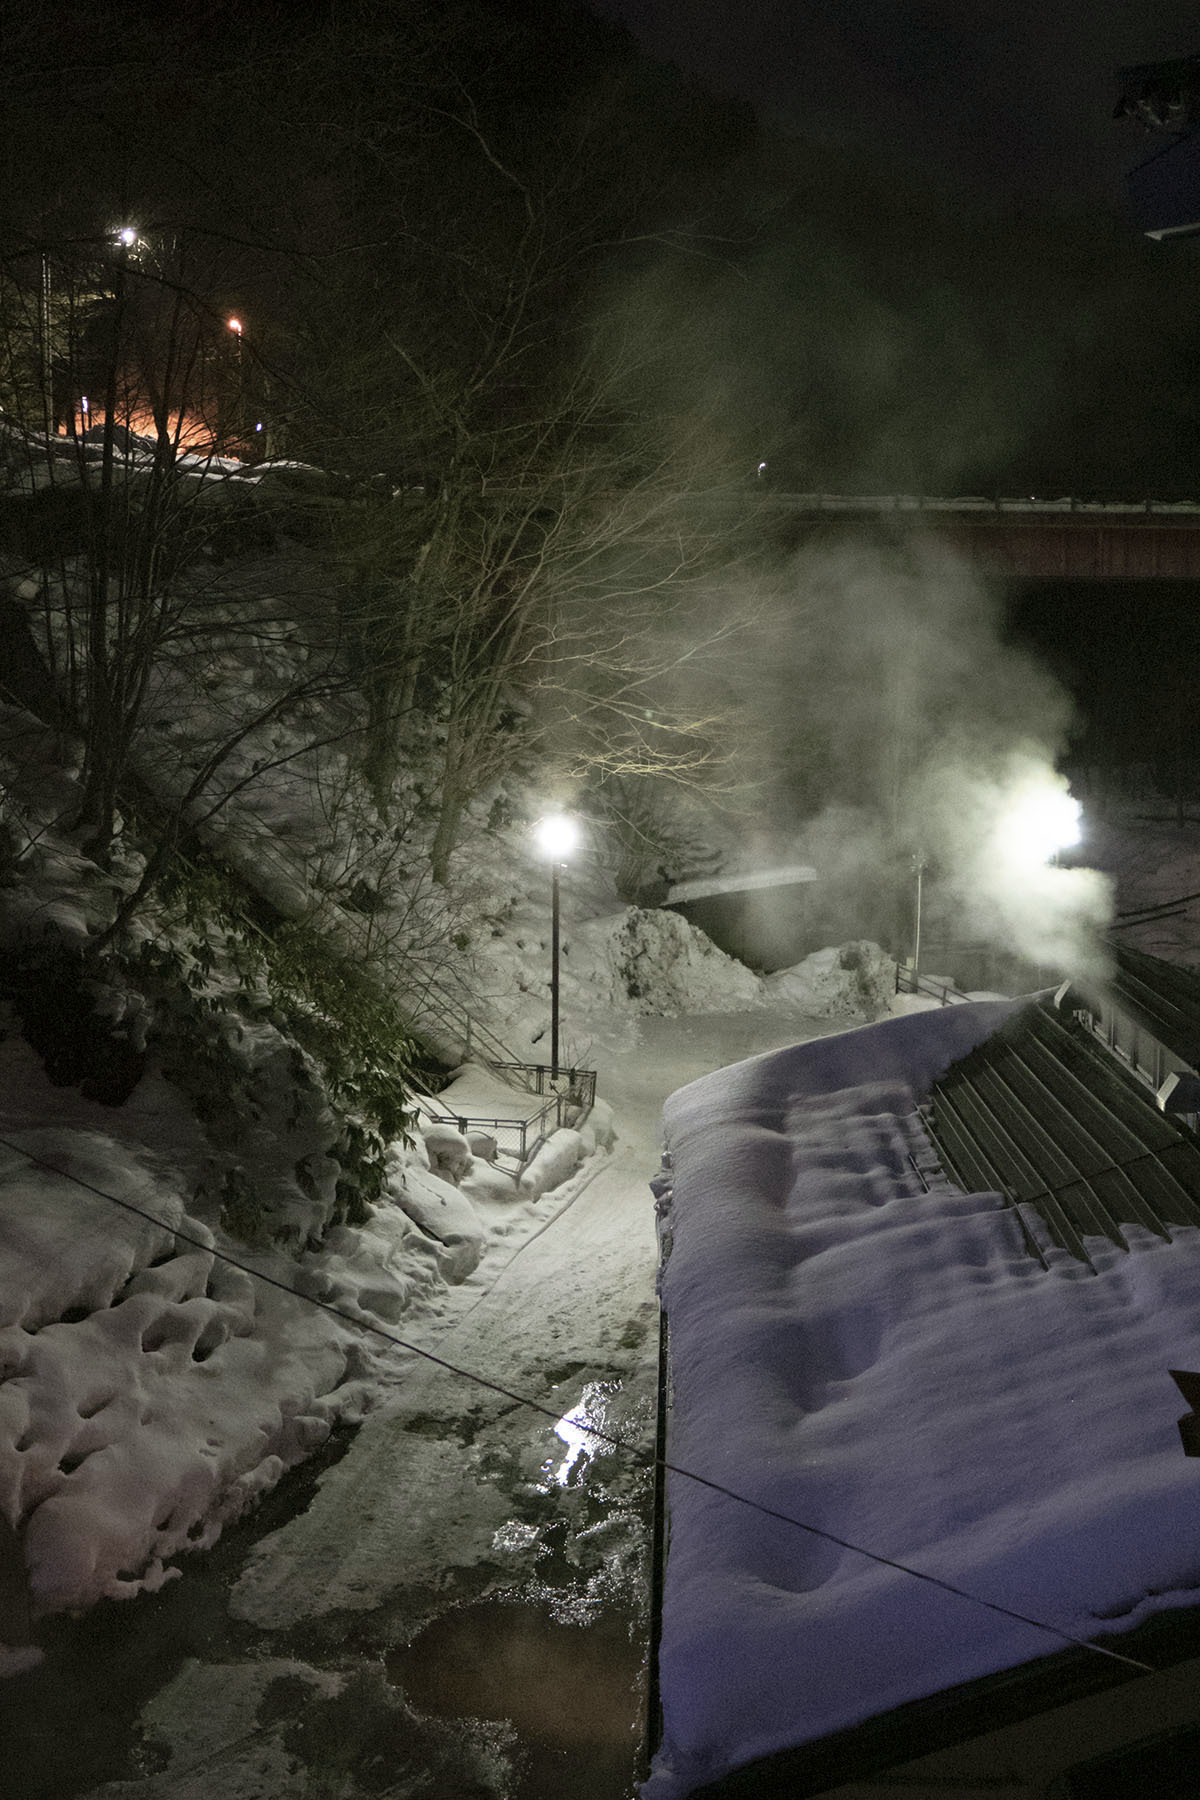 鉛温泉とマルカン食堂_e0100152_09361749.jpg